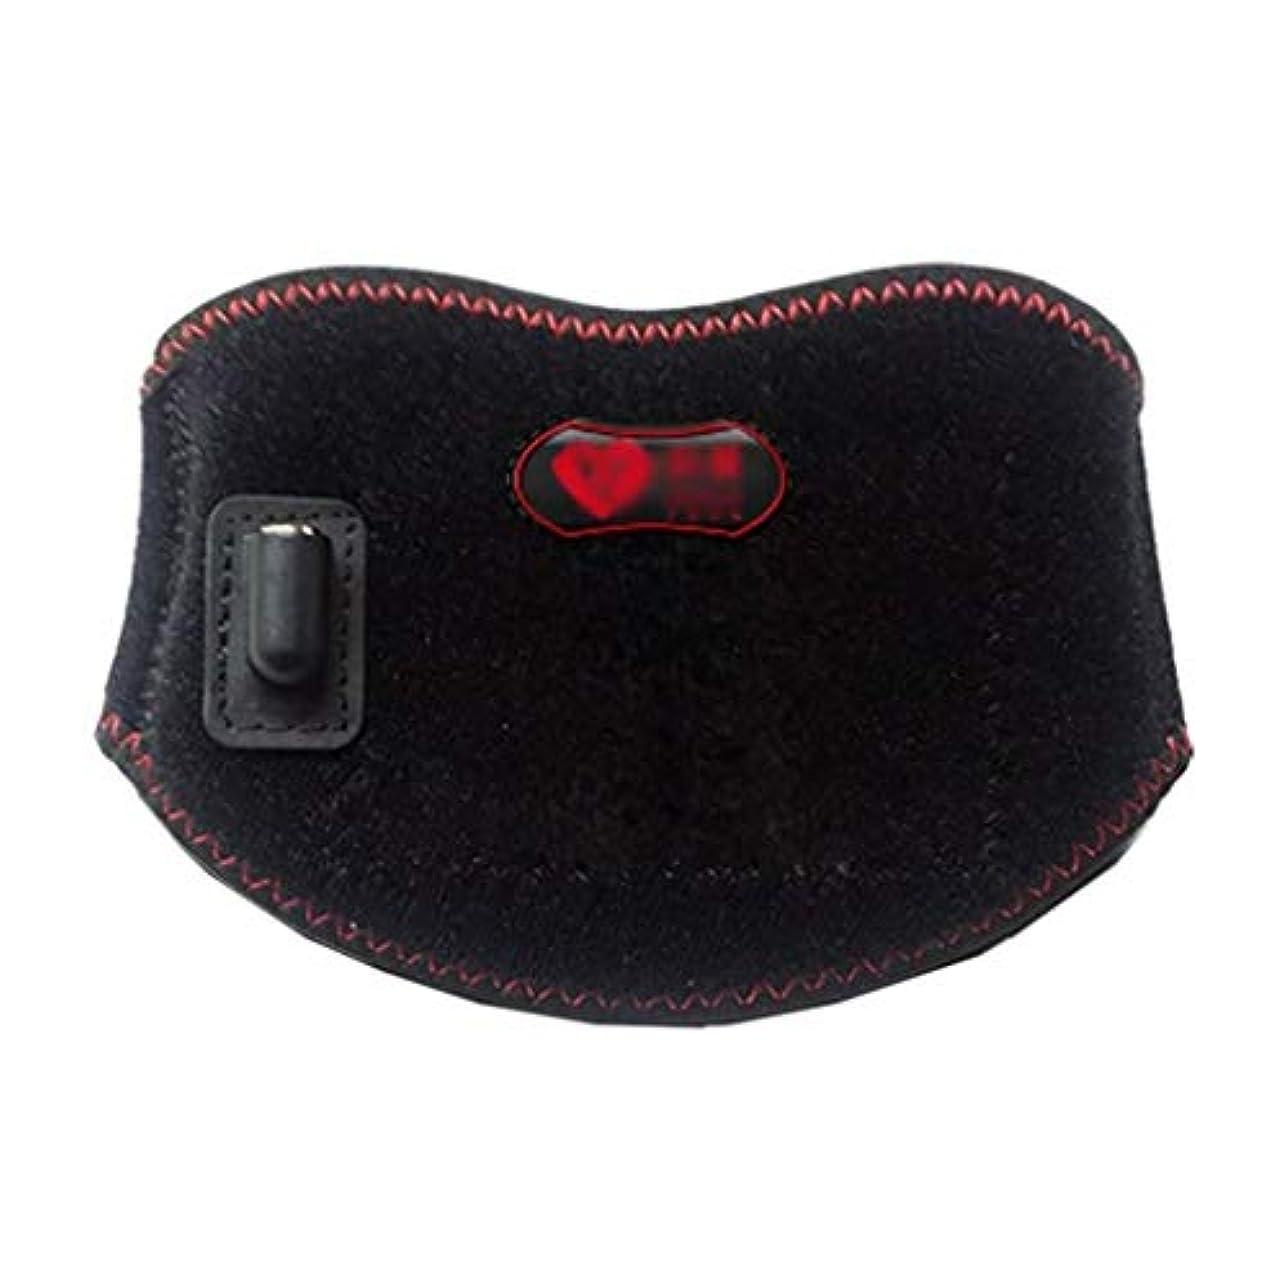 略奪素人エージェント電動ネックマッサージ、温熱首温ラップ/加熱、肩指圧マッサージ/筋肉の弛緩/血圧循環の促進、仕事の動きに適しています